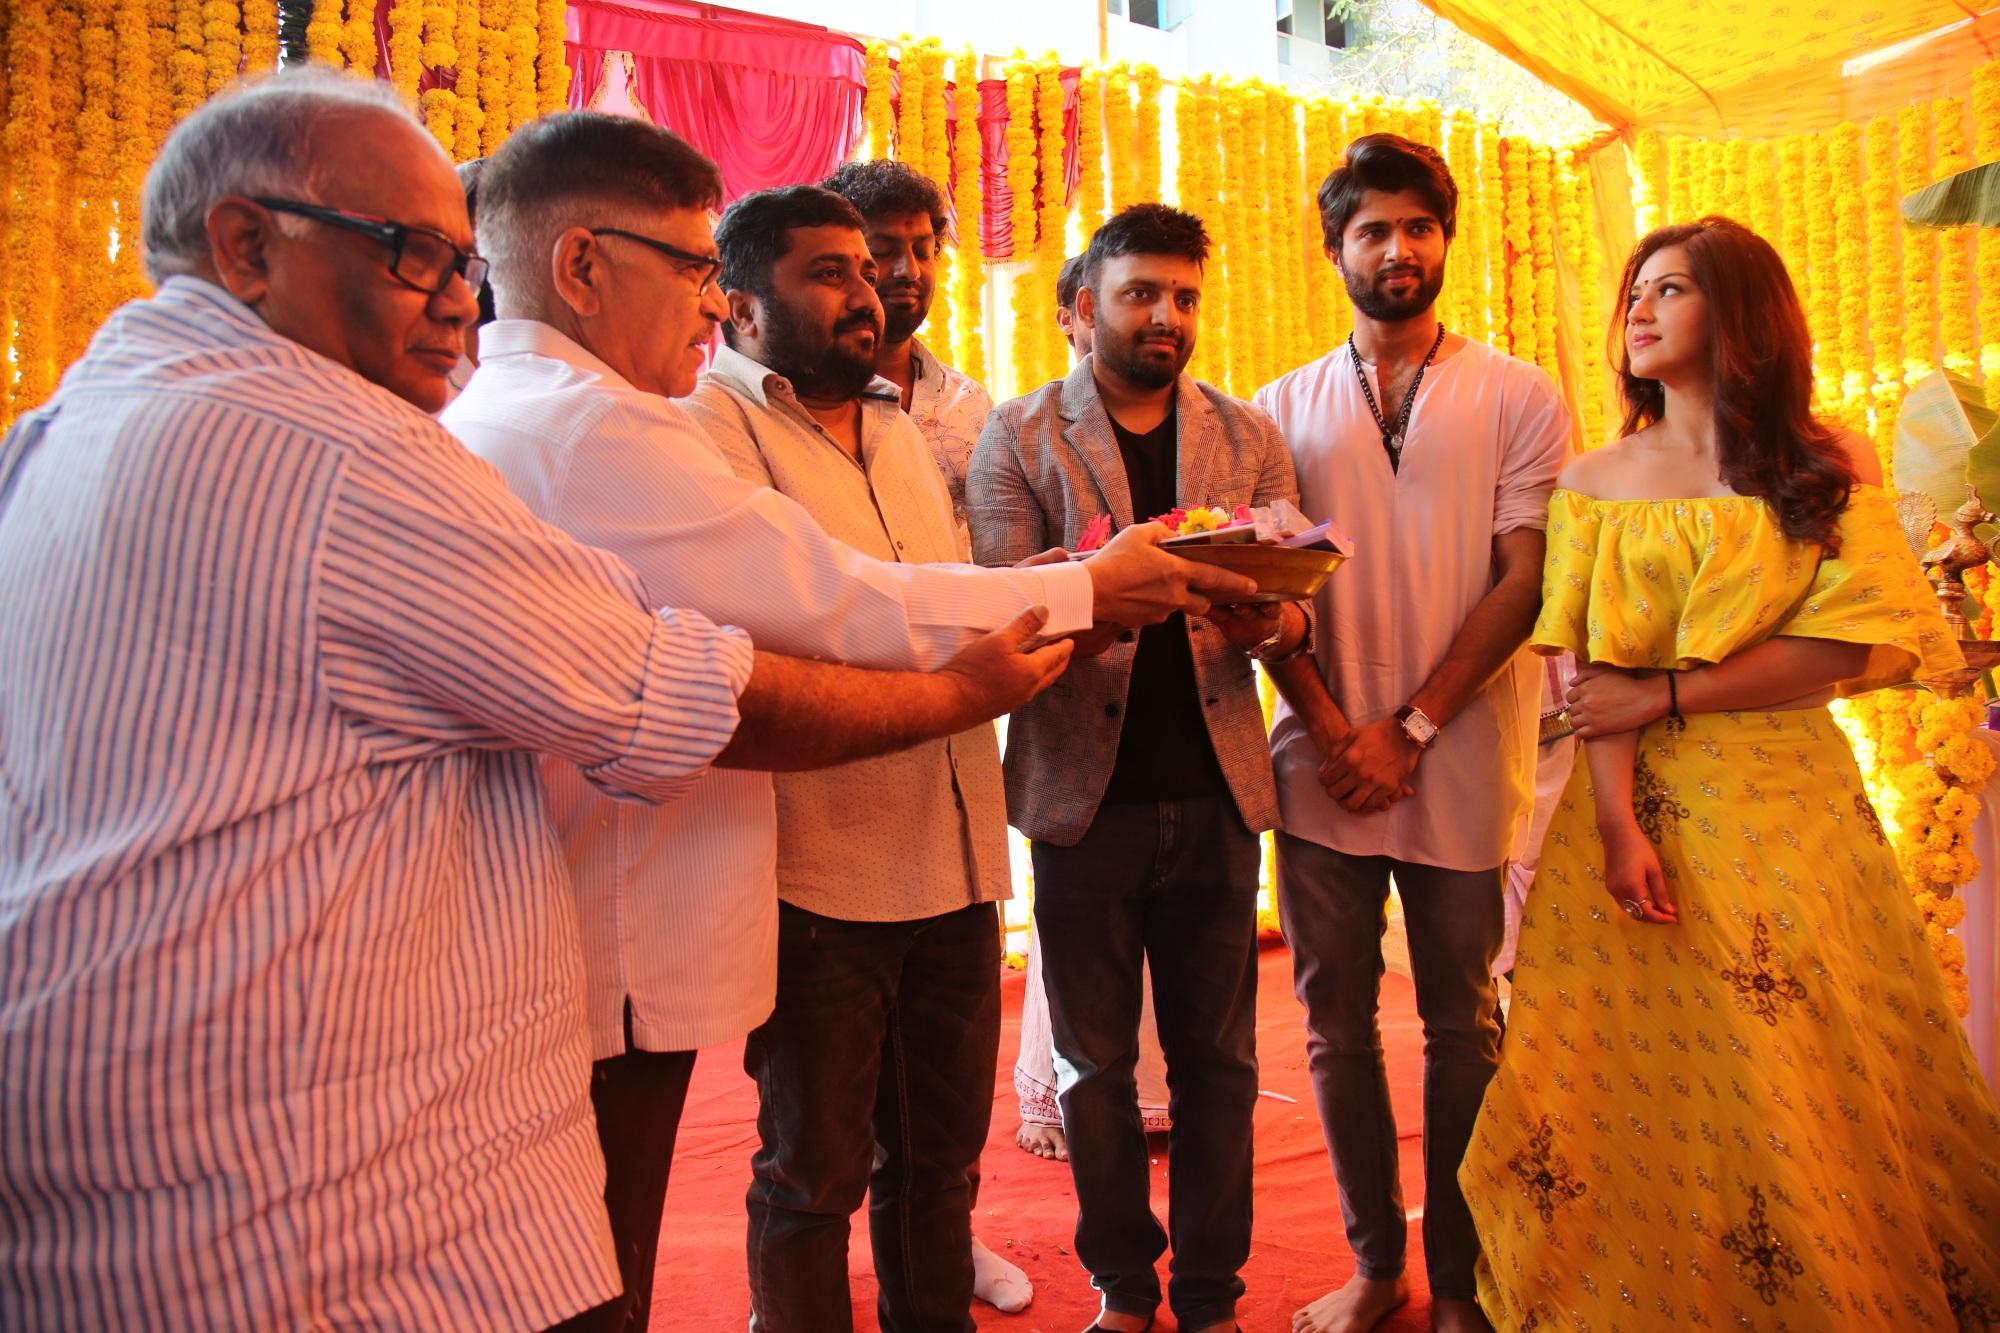 'அர்ஜூன் ரெட்டி' விஜய் தேவரகொண்டா நடிக்கும் புதிய தமிழ்ப்படத்தின் பூஜை..!